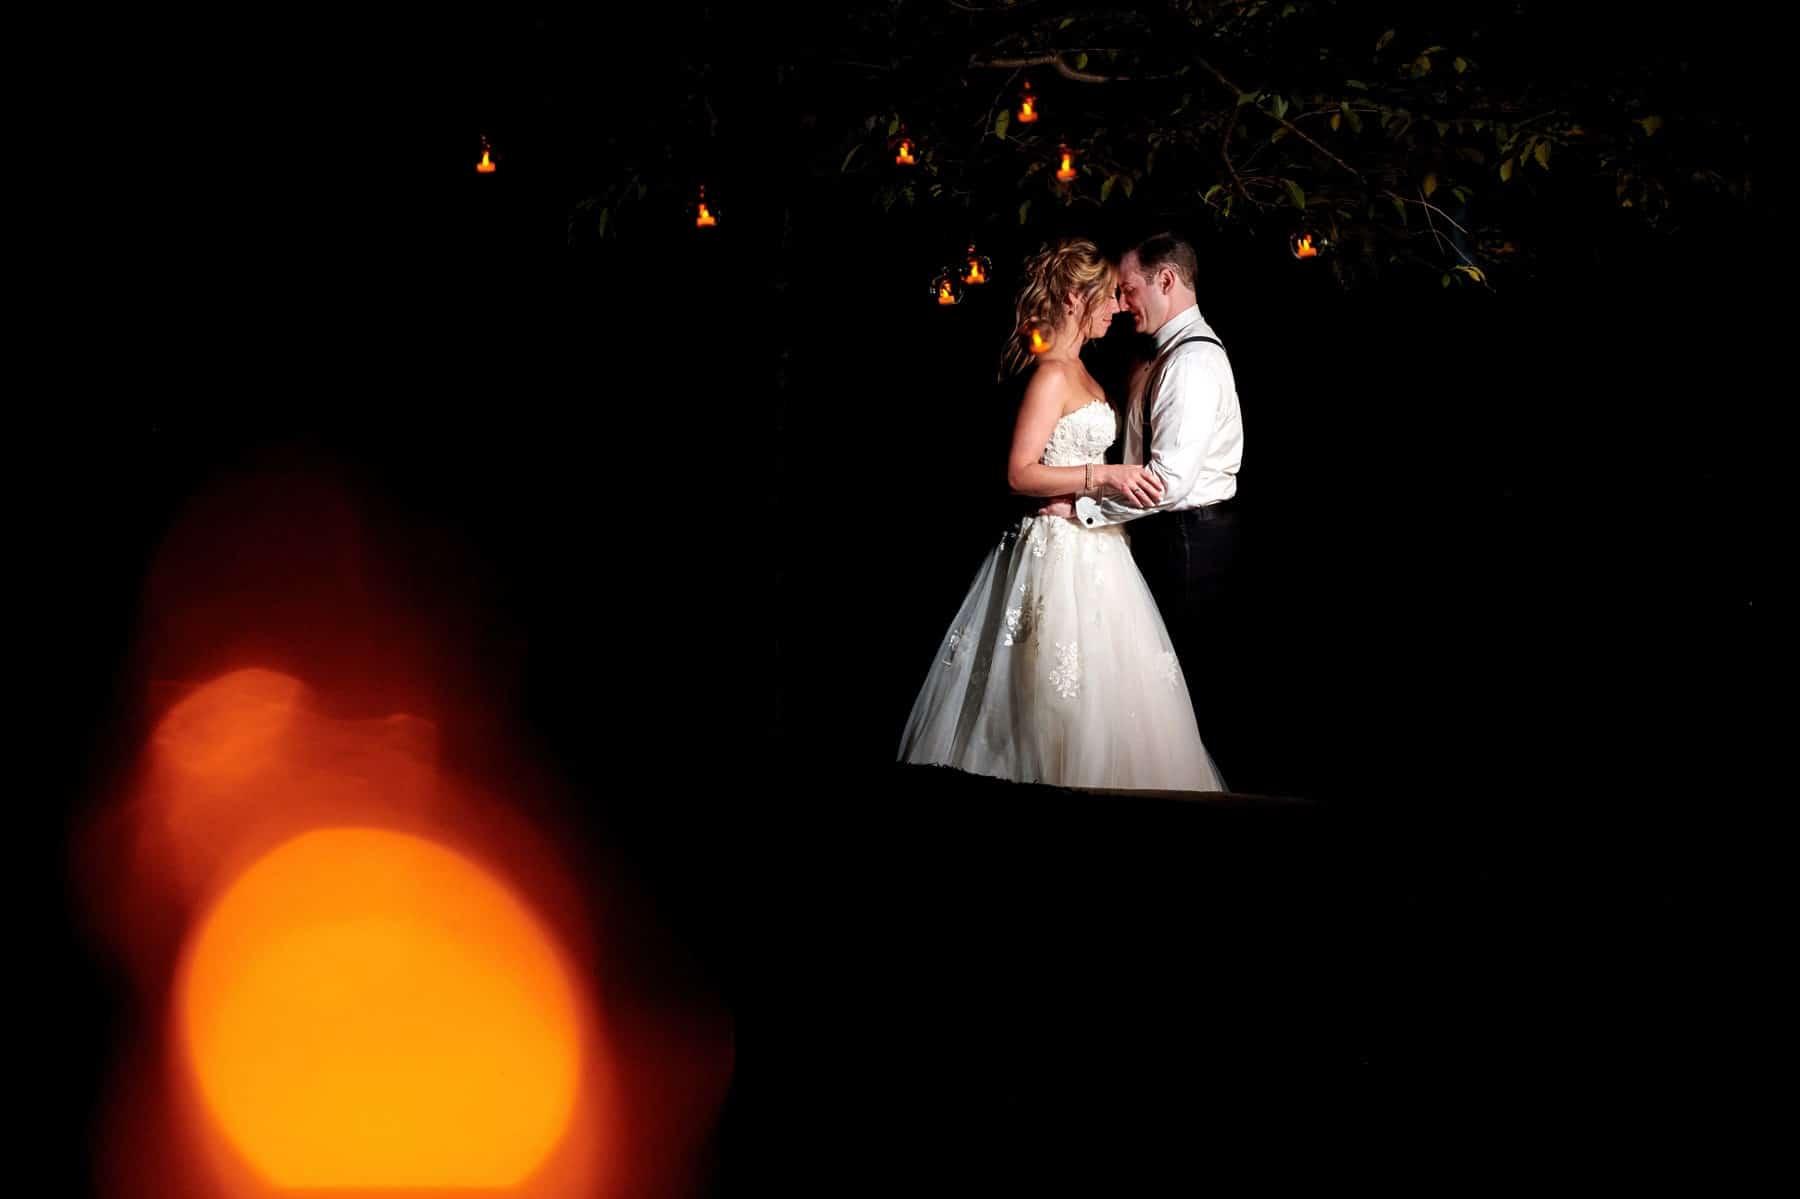 night wedding portrait at Royce Brook Golf Club